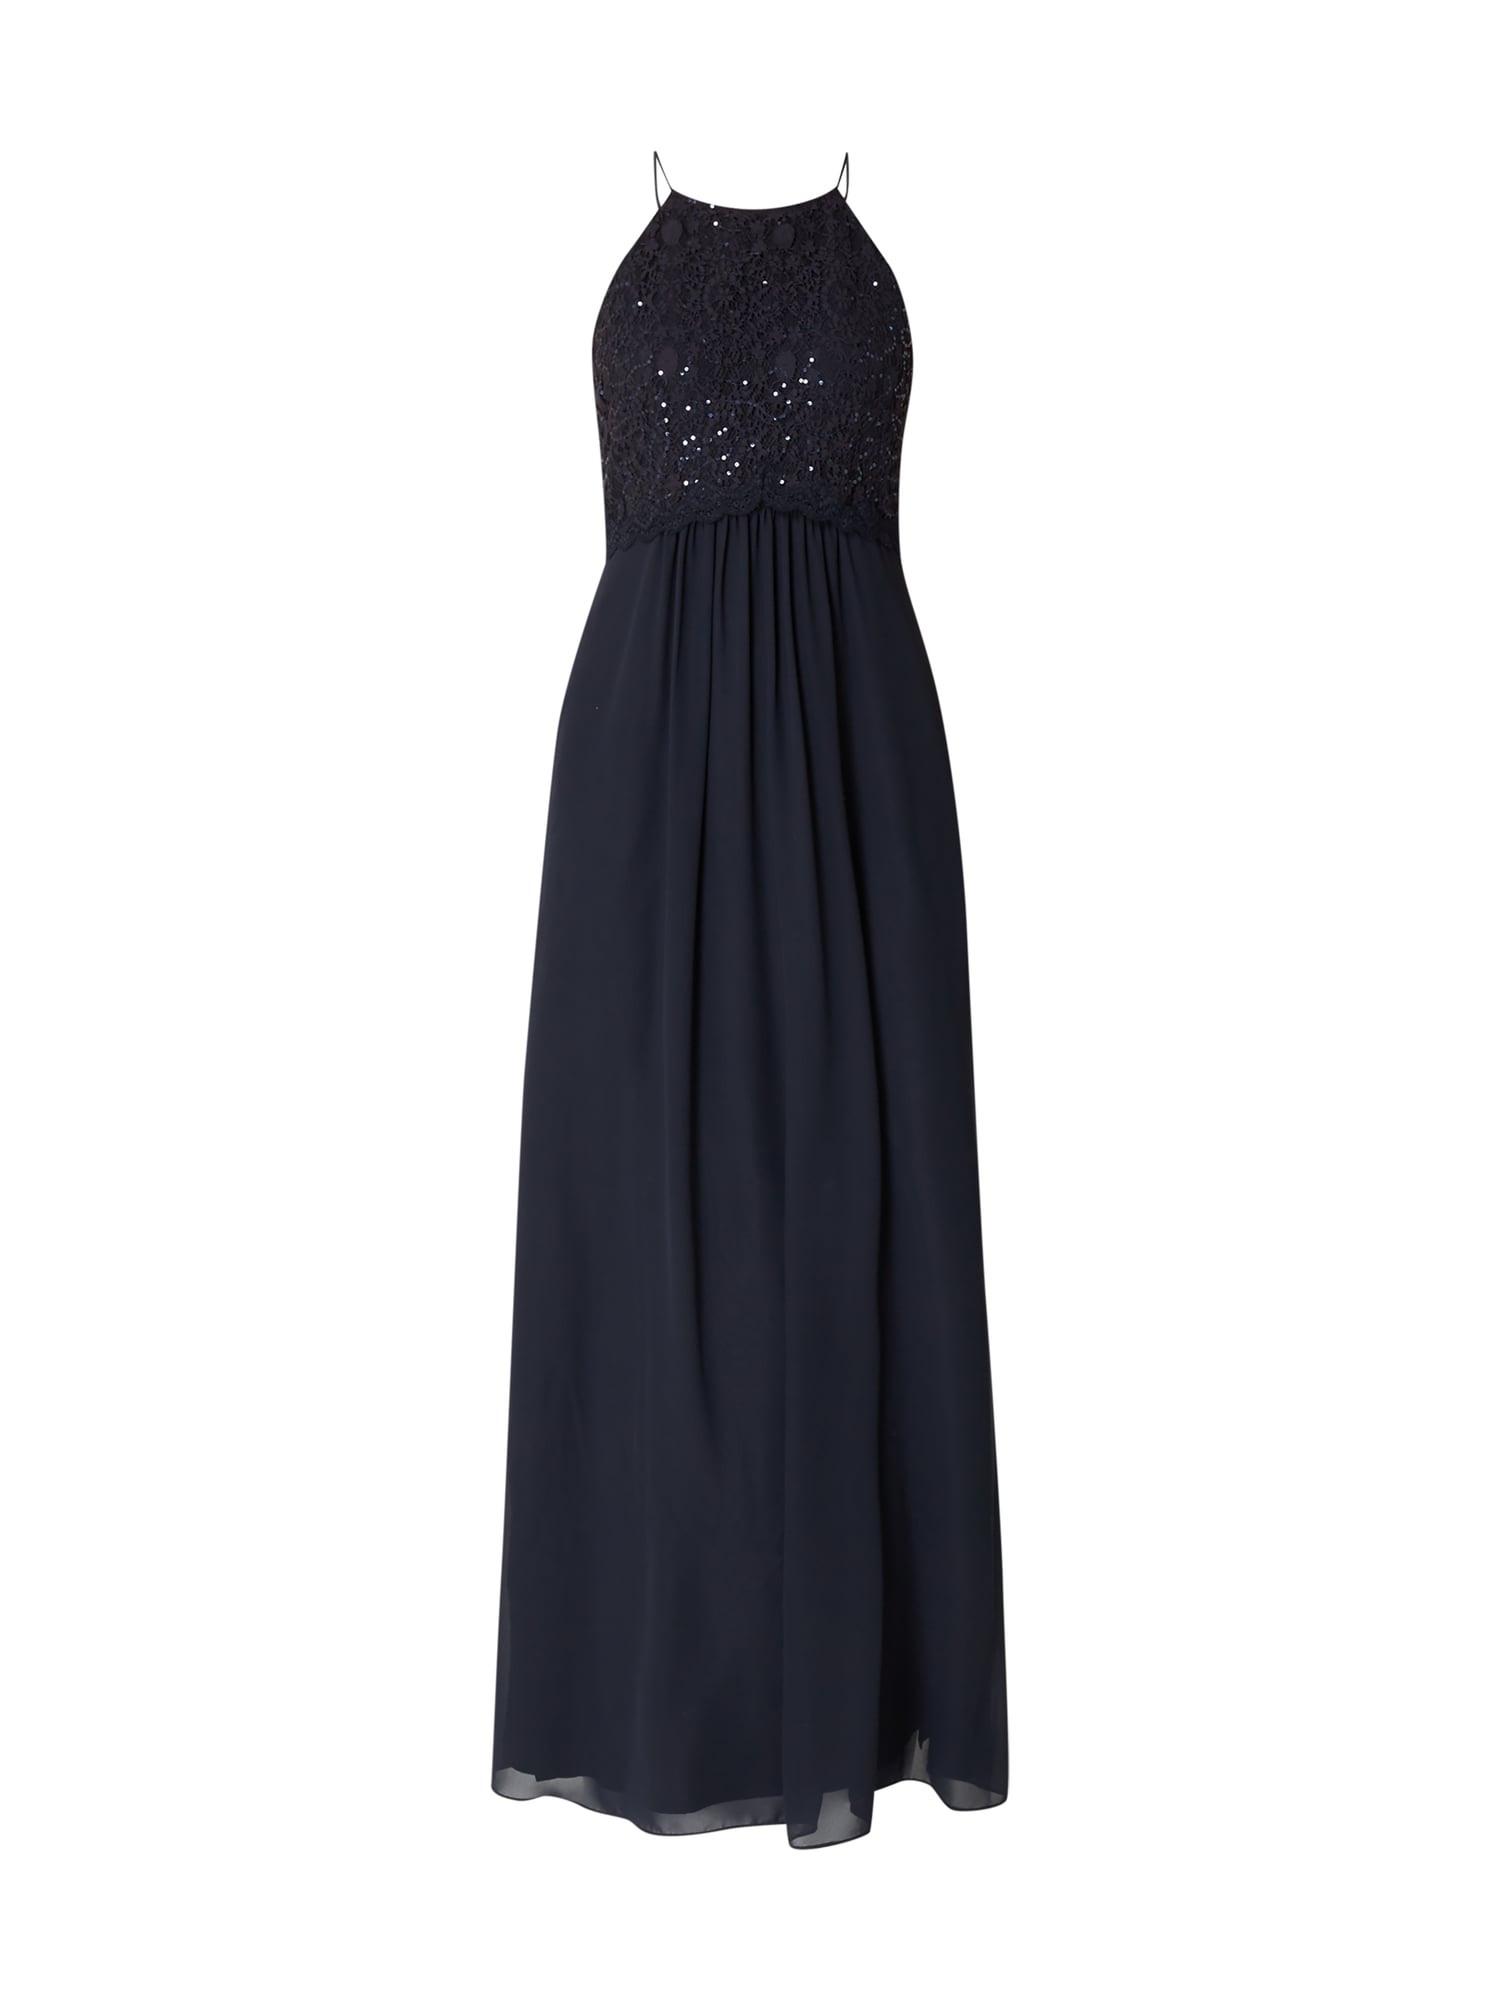 Abend Schön Jakes Abendkleid Blau Vertrieb13 Perfekt Jakes Abendkleid Blau Vertrieb